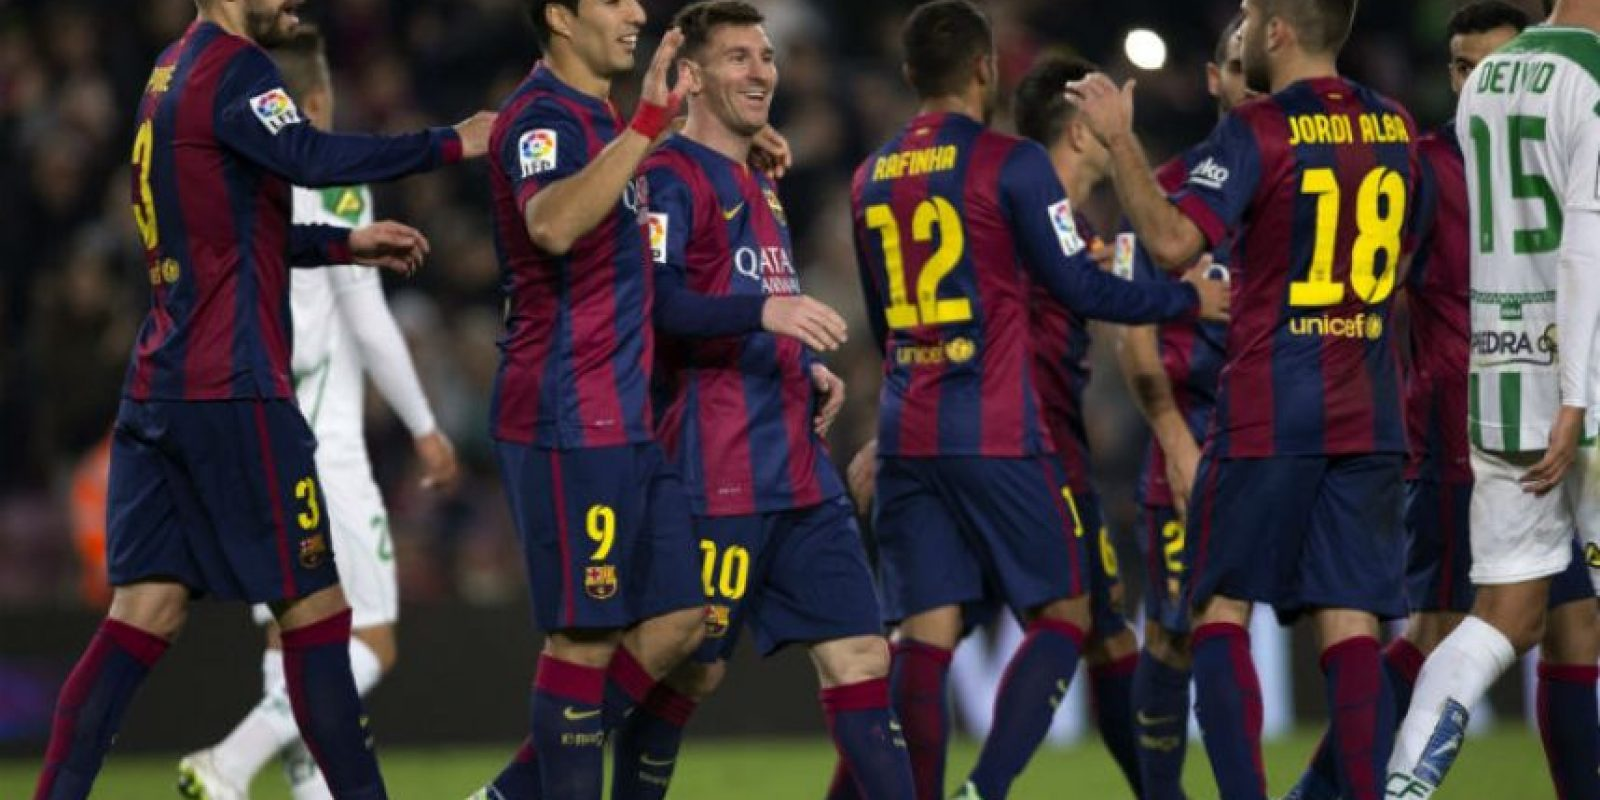 El Barcelona no tuvo piedad del Córdoba y lo goleó por 5-0 con anotaciones de Pedro, Suárez, Piqué y un doblete de Messi. Foto:AFP